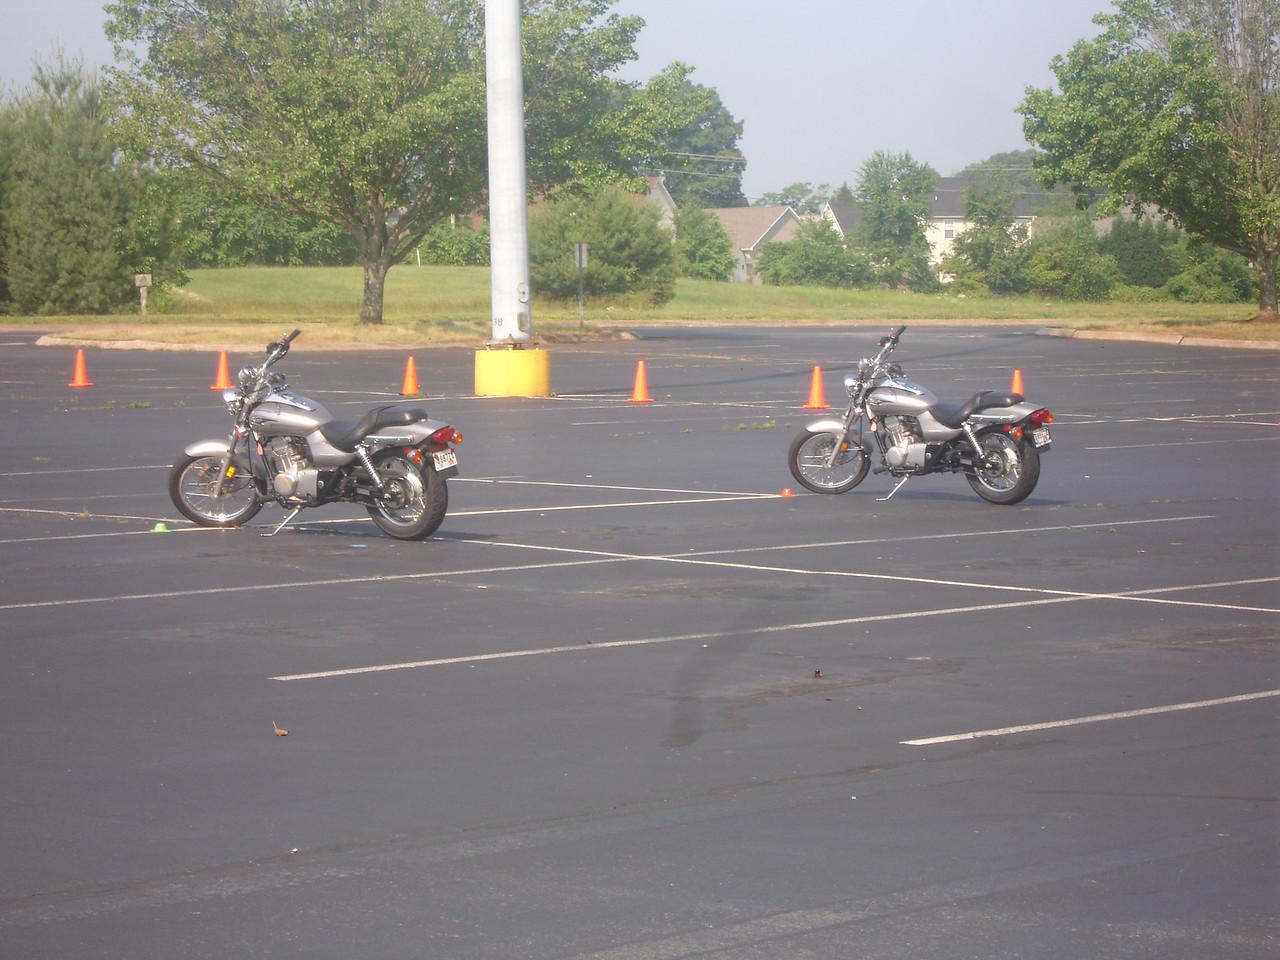 Ahh, my trusty 125cc Eliminator on the left